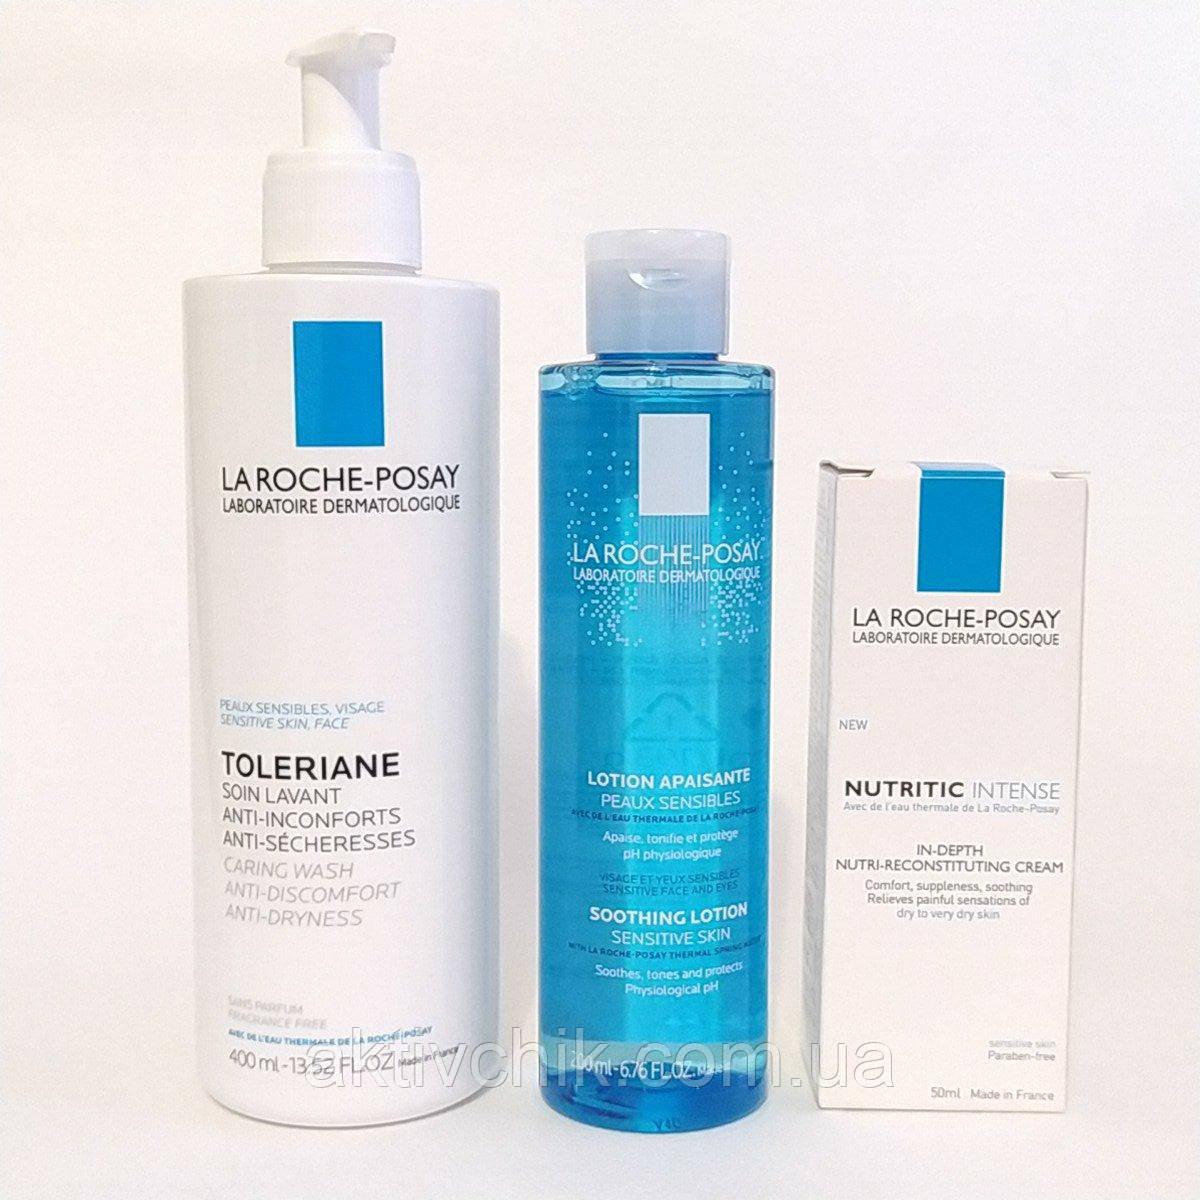 Набор La Roche-Posay для ухода за сухой кожи с Nutritic Intense